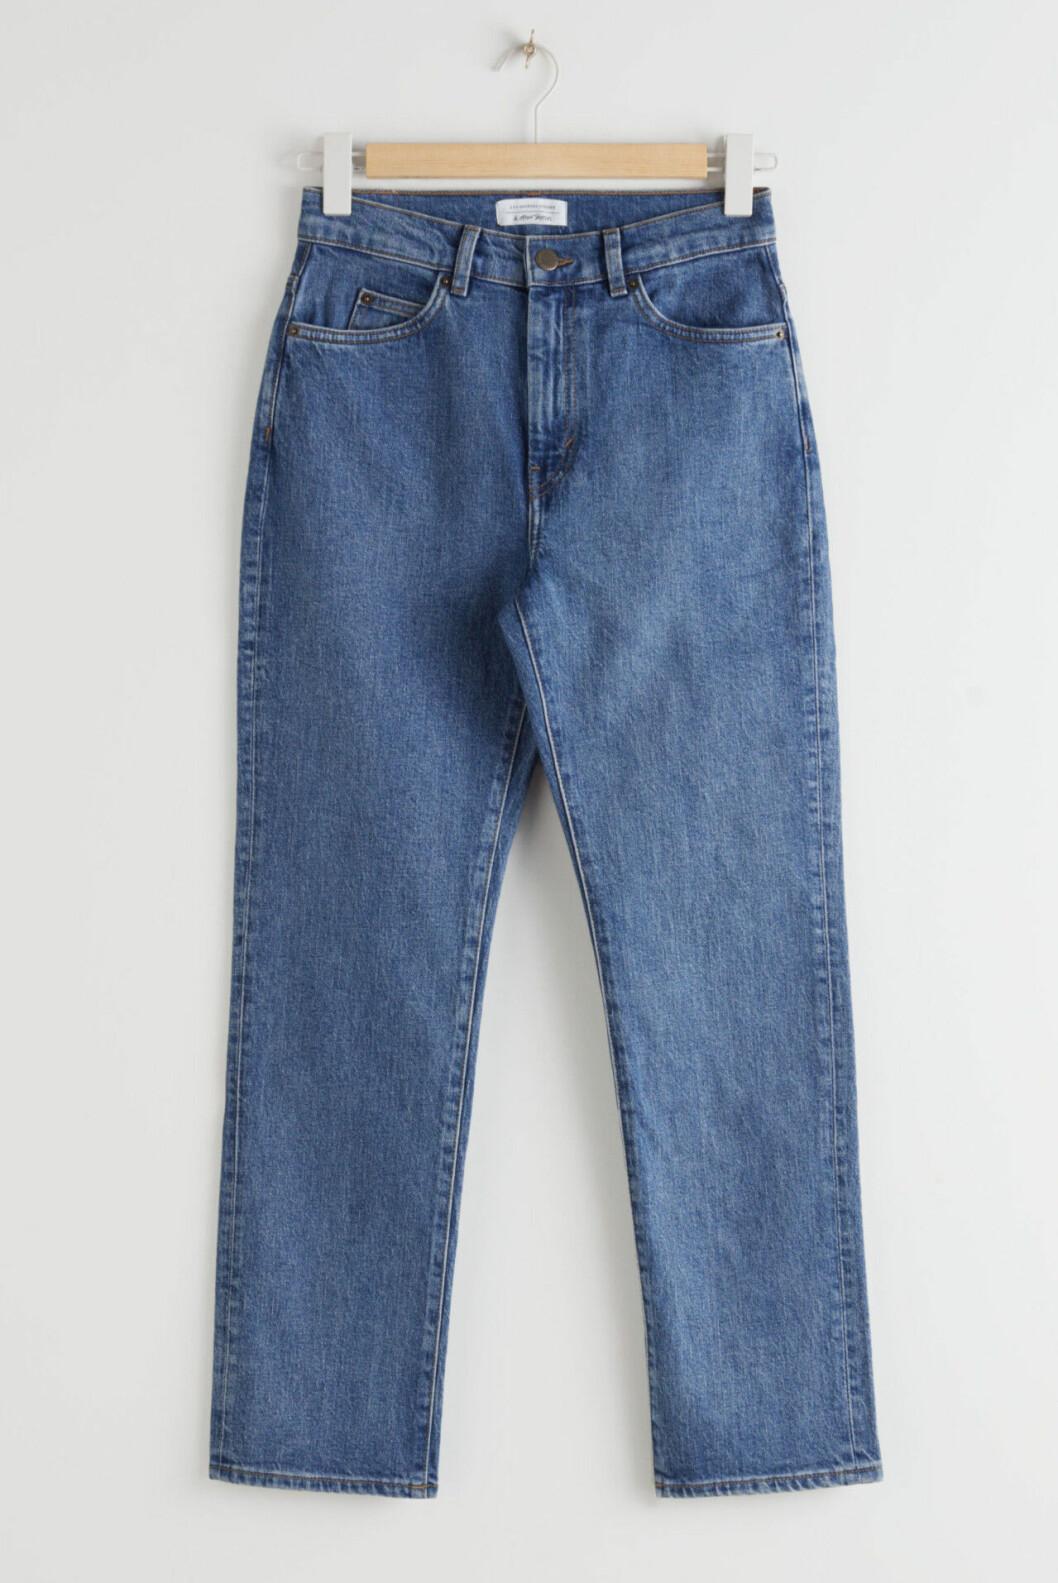 Blå jeans med raka ben till våren 2020